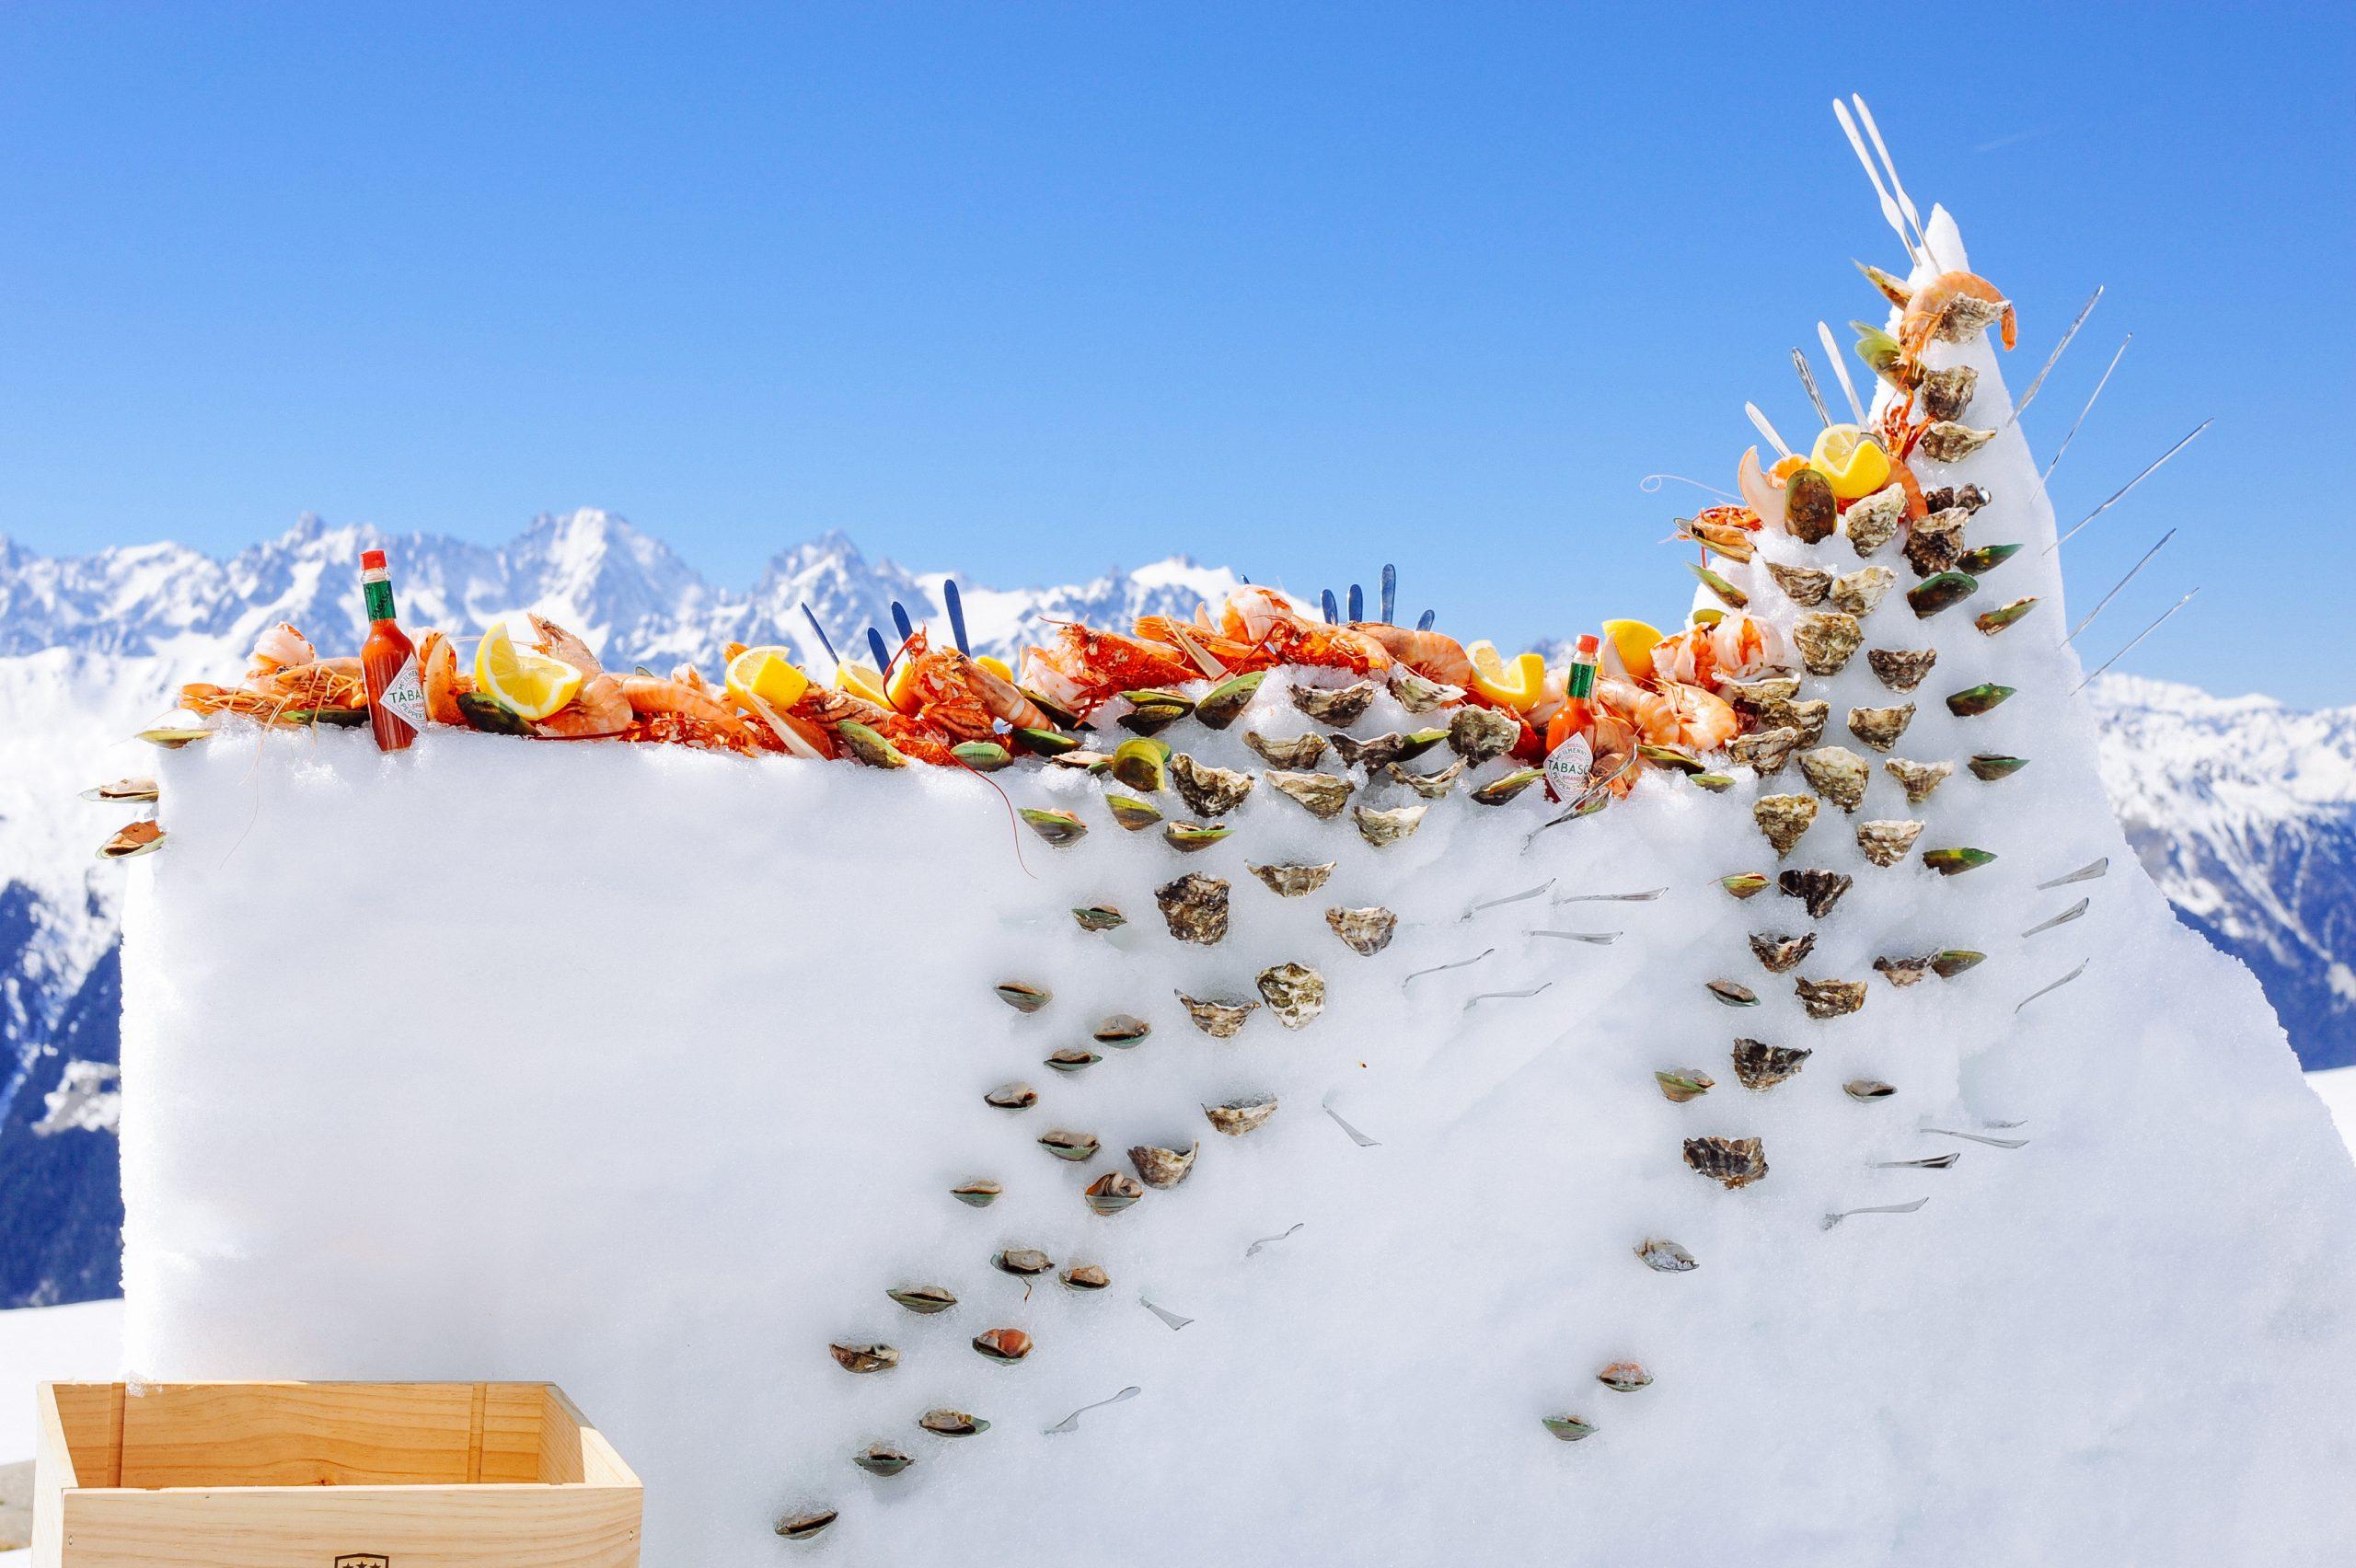 Glacier-picnic-luxury-event-corportate-groups